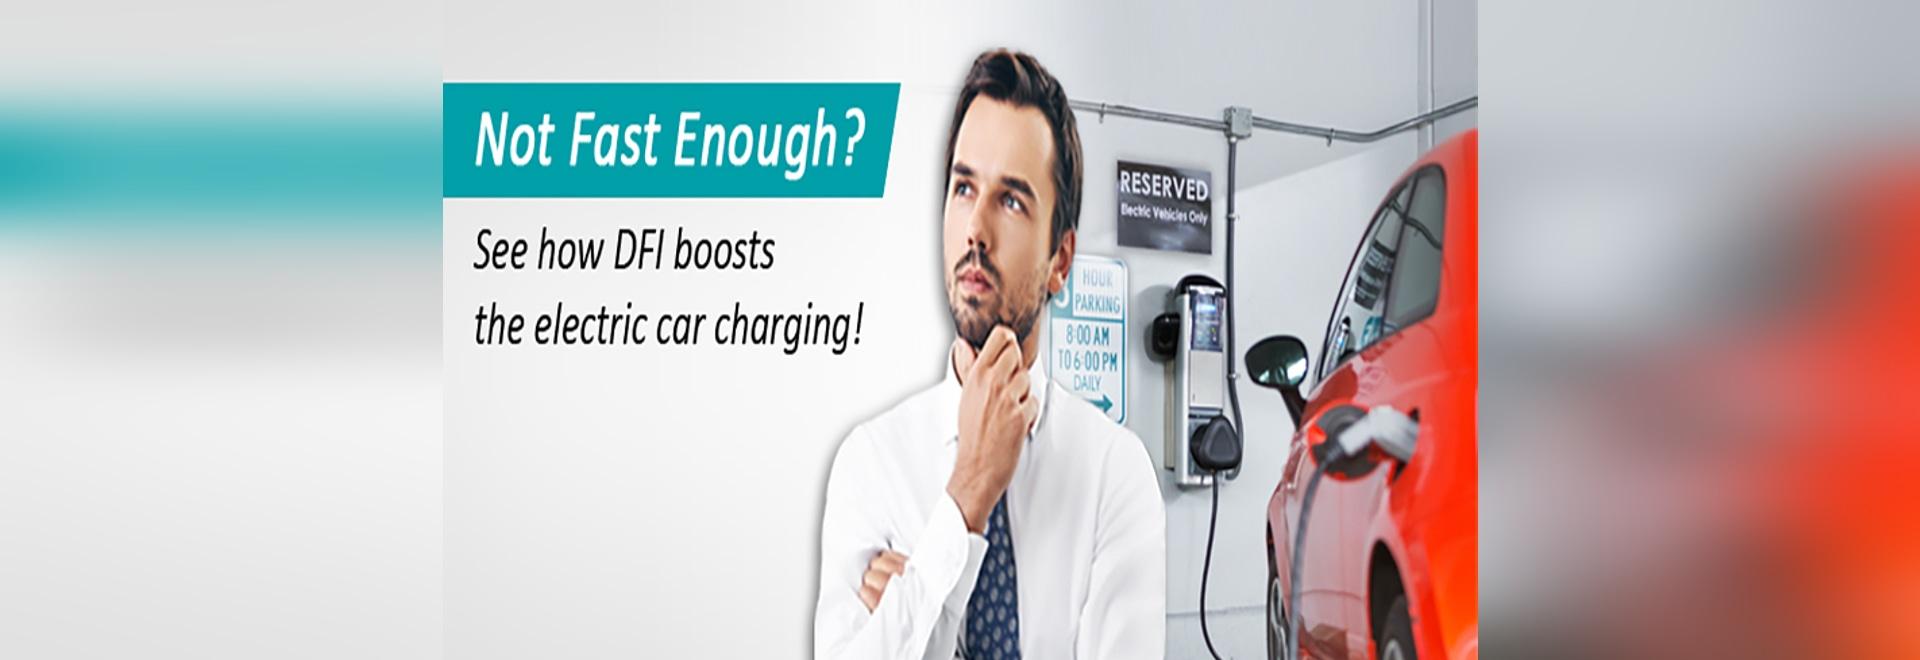 Assez pas rapidement ? Voyez comment DFI amplifie le remplissage de voiture électrique !